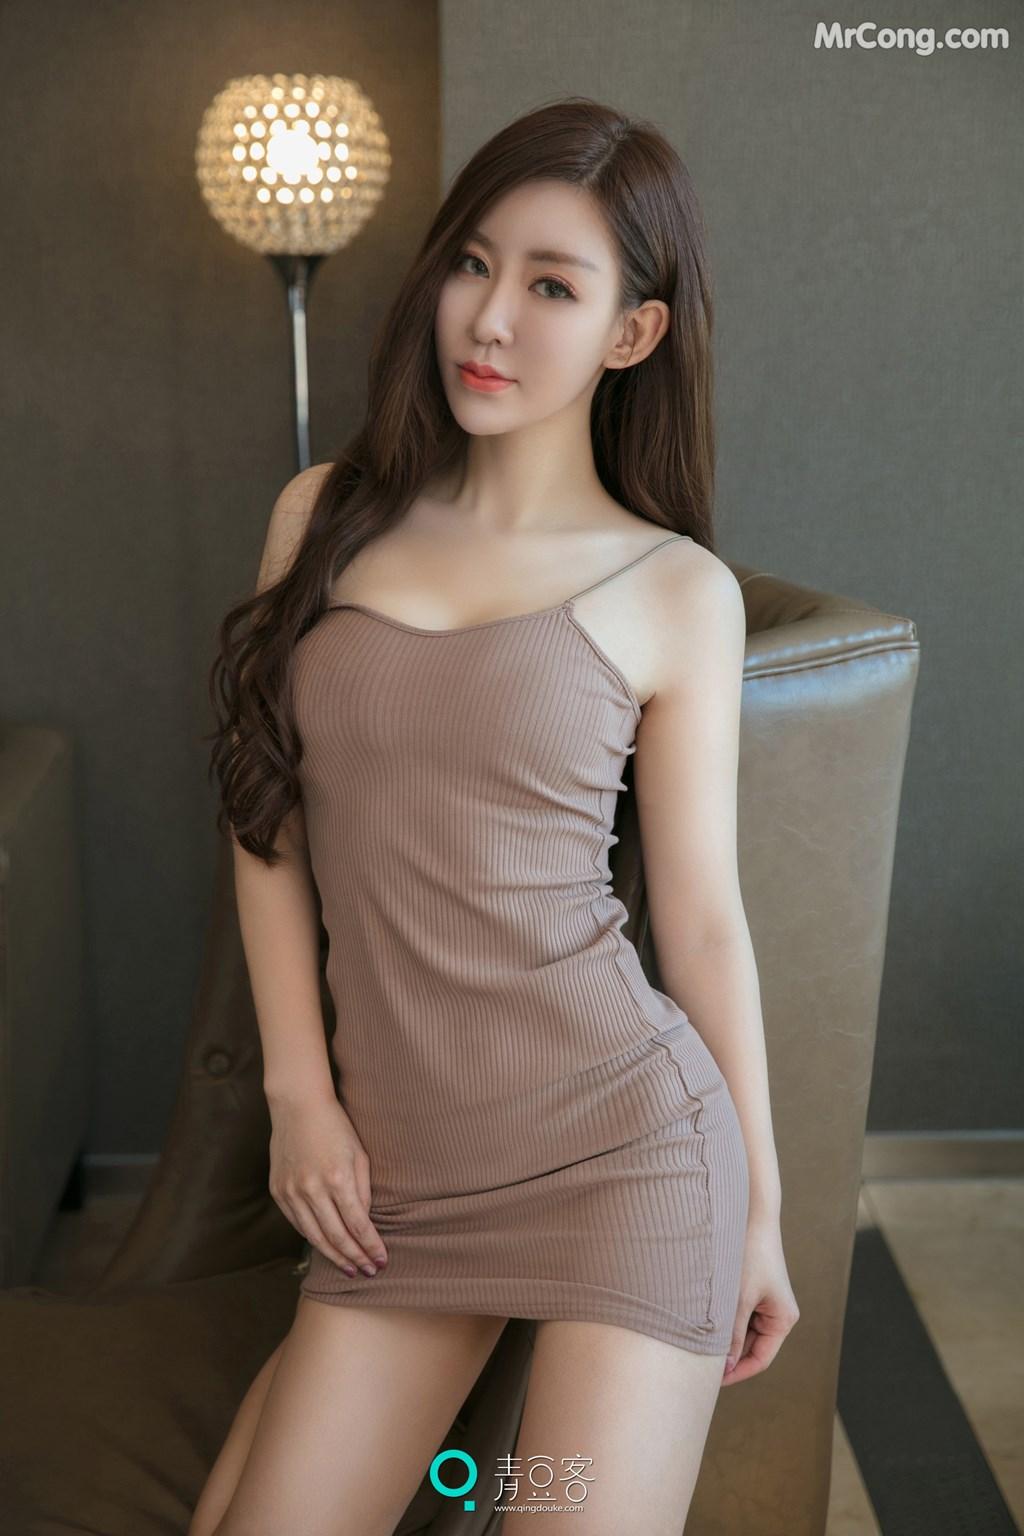 Image QingDouKe-2017-10-12-Qiao-En-Xi-MrCong.com-004 in post QingDouKe 2017-10-12: Người mẫu Qiao En Xi (乔恩夕) (54 ảnh)